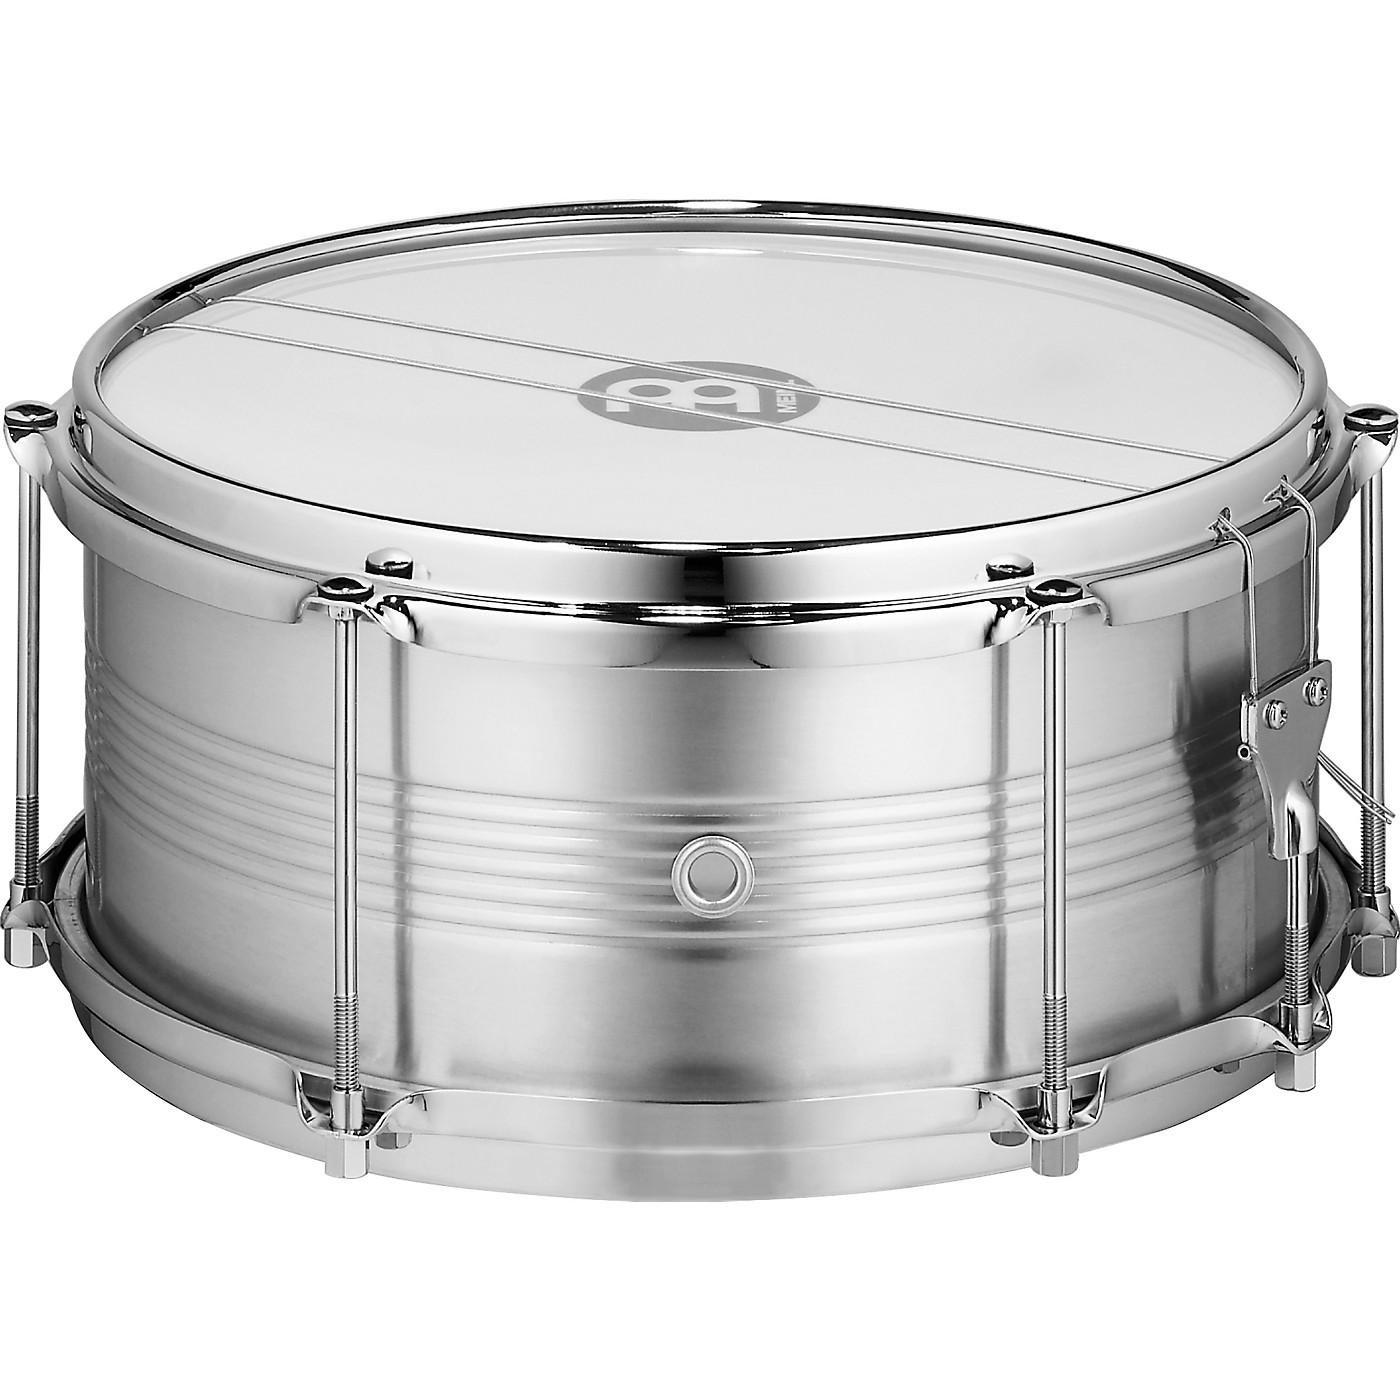 Meinl Traditional Caixa Drum thumbnail